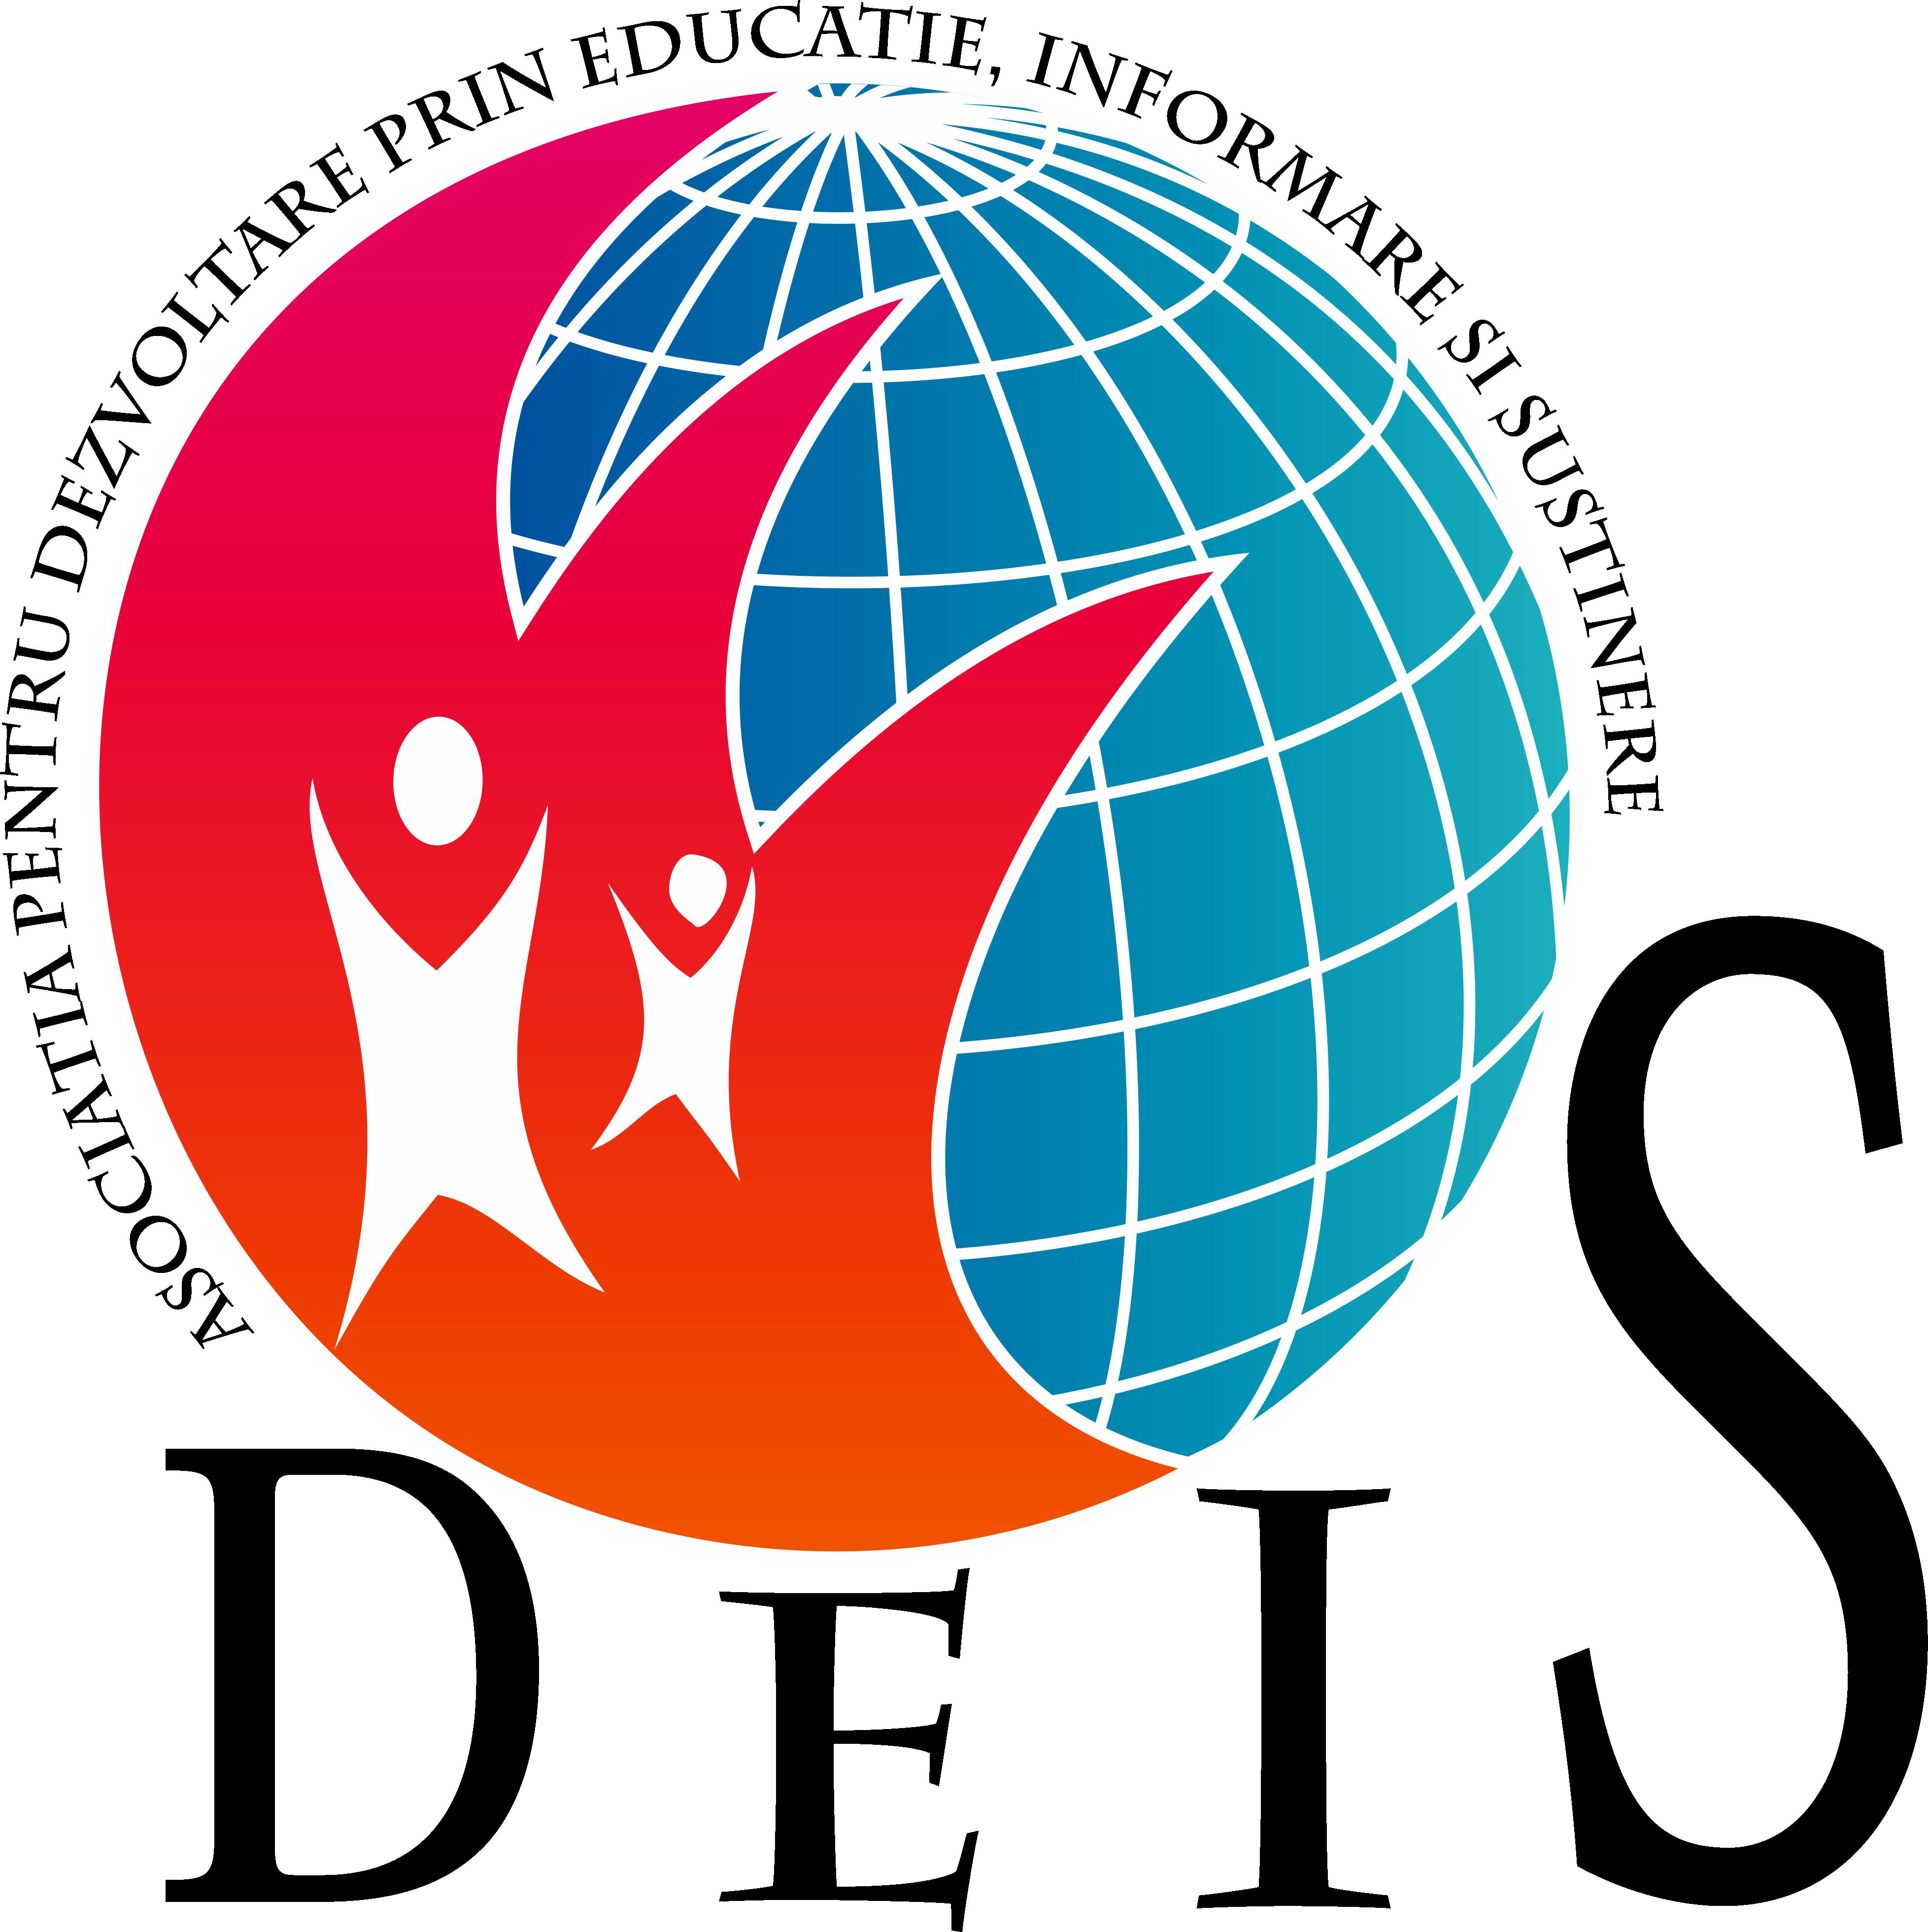 Asociatia pentru Dezvoltare prin Educație, Informare și Susținere - D.E.I.S. logo